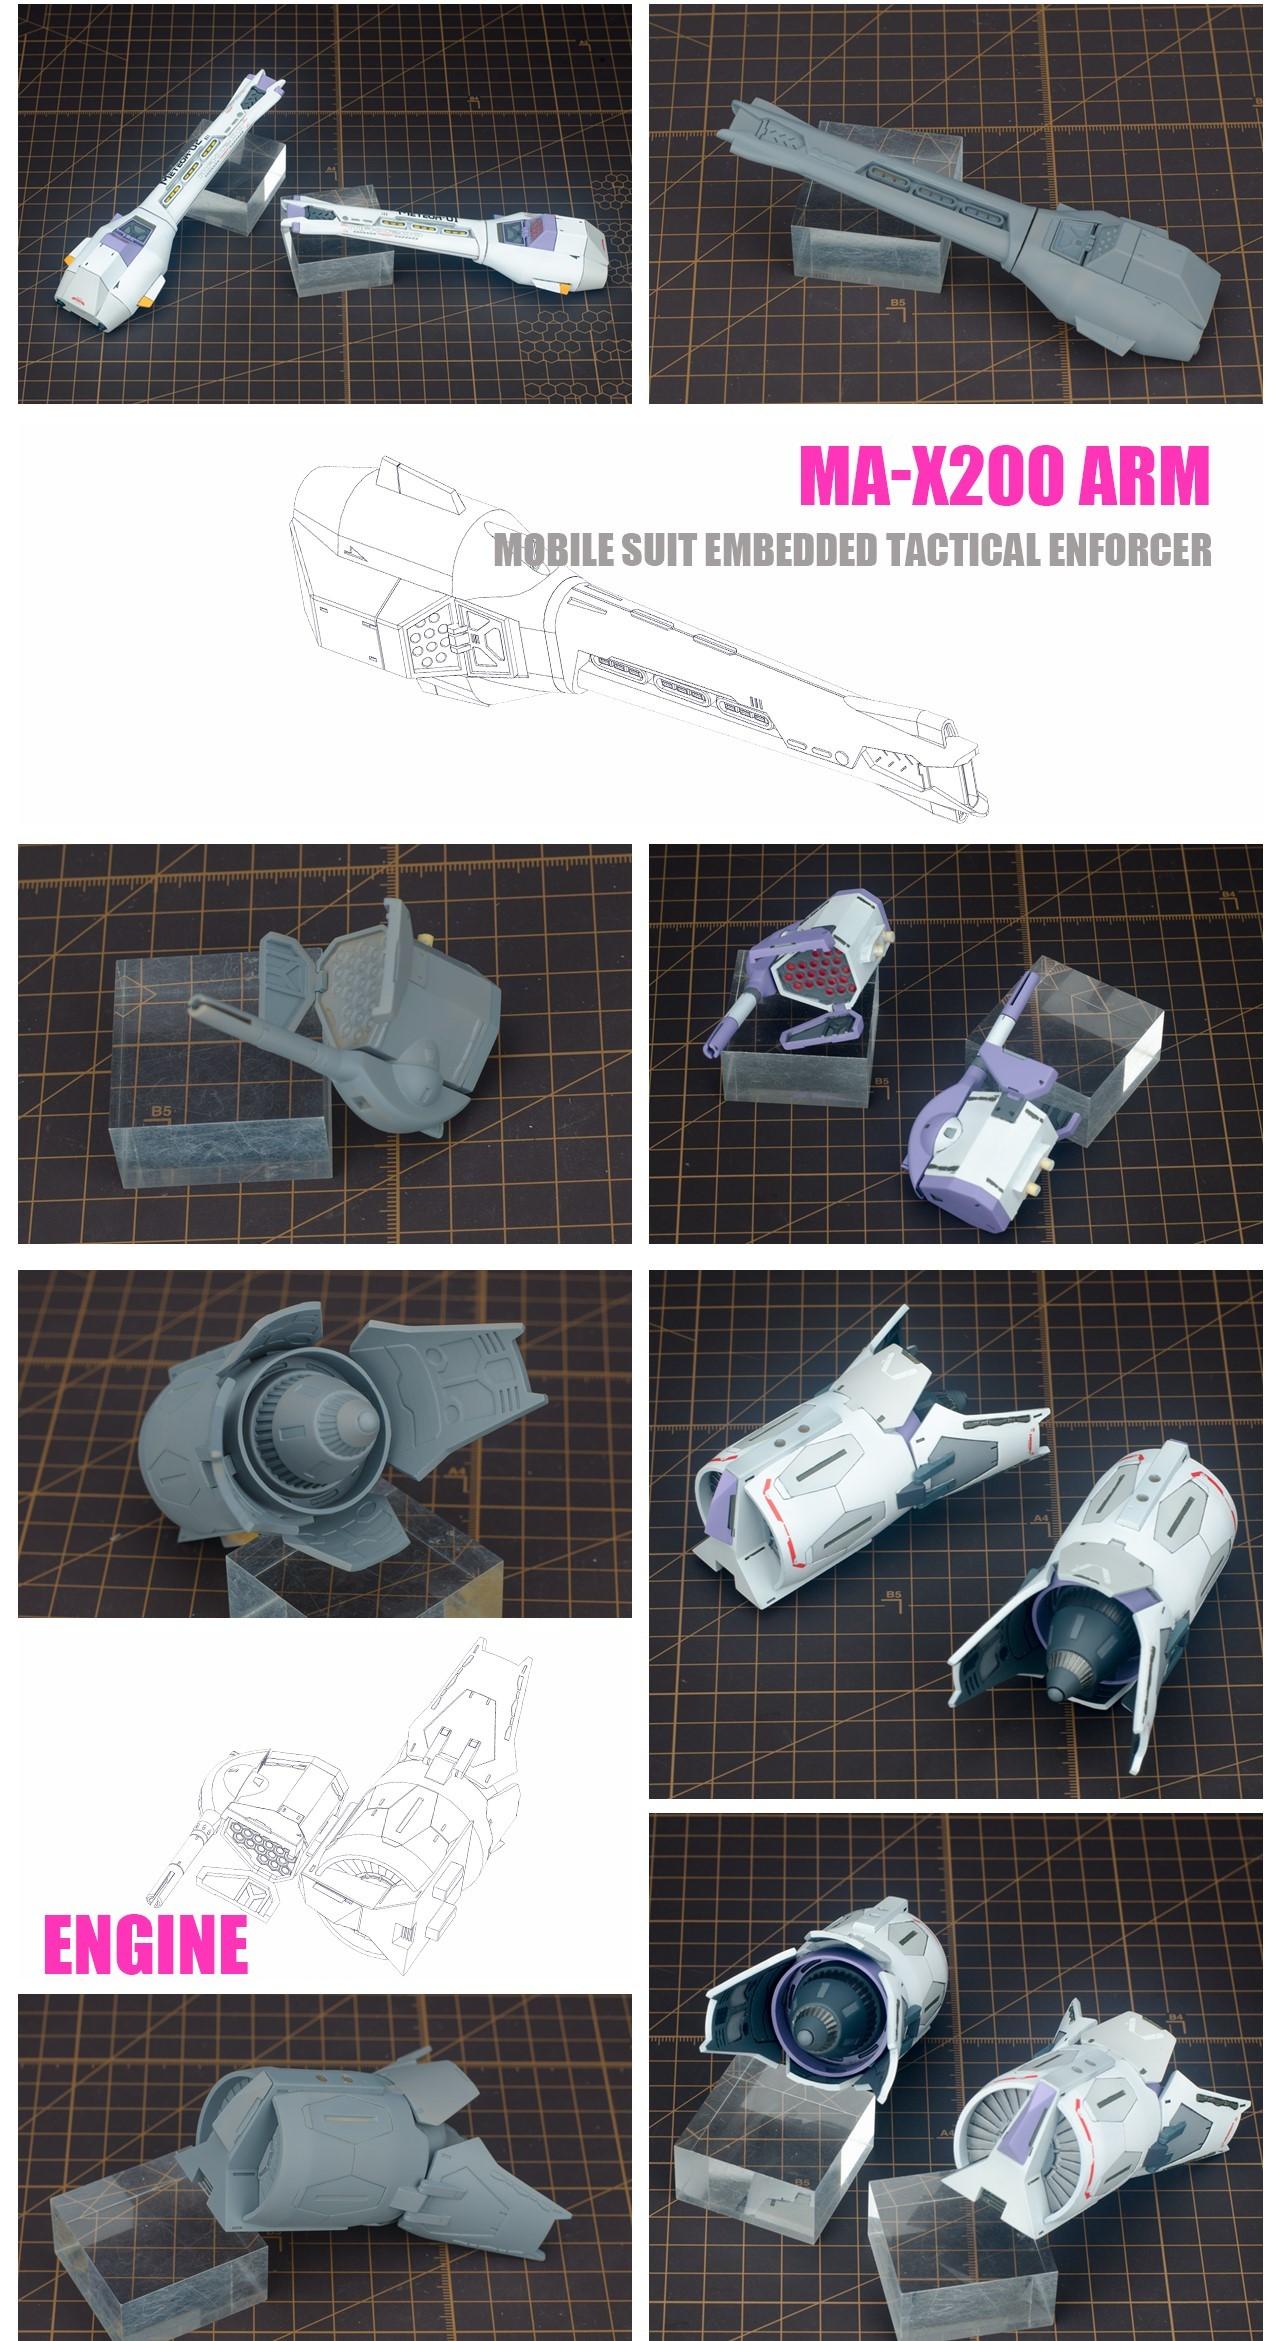 G435_SDCS_METEOR_005.jpg